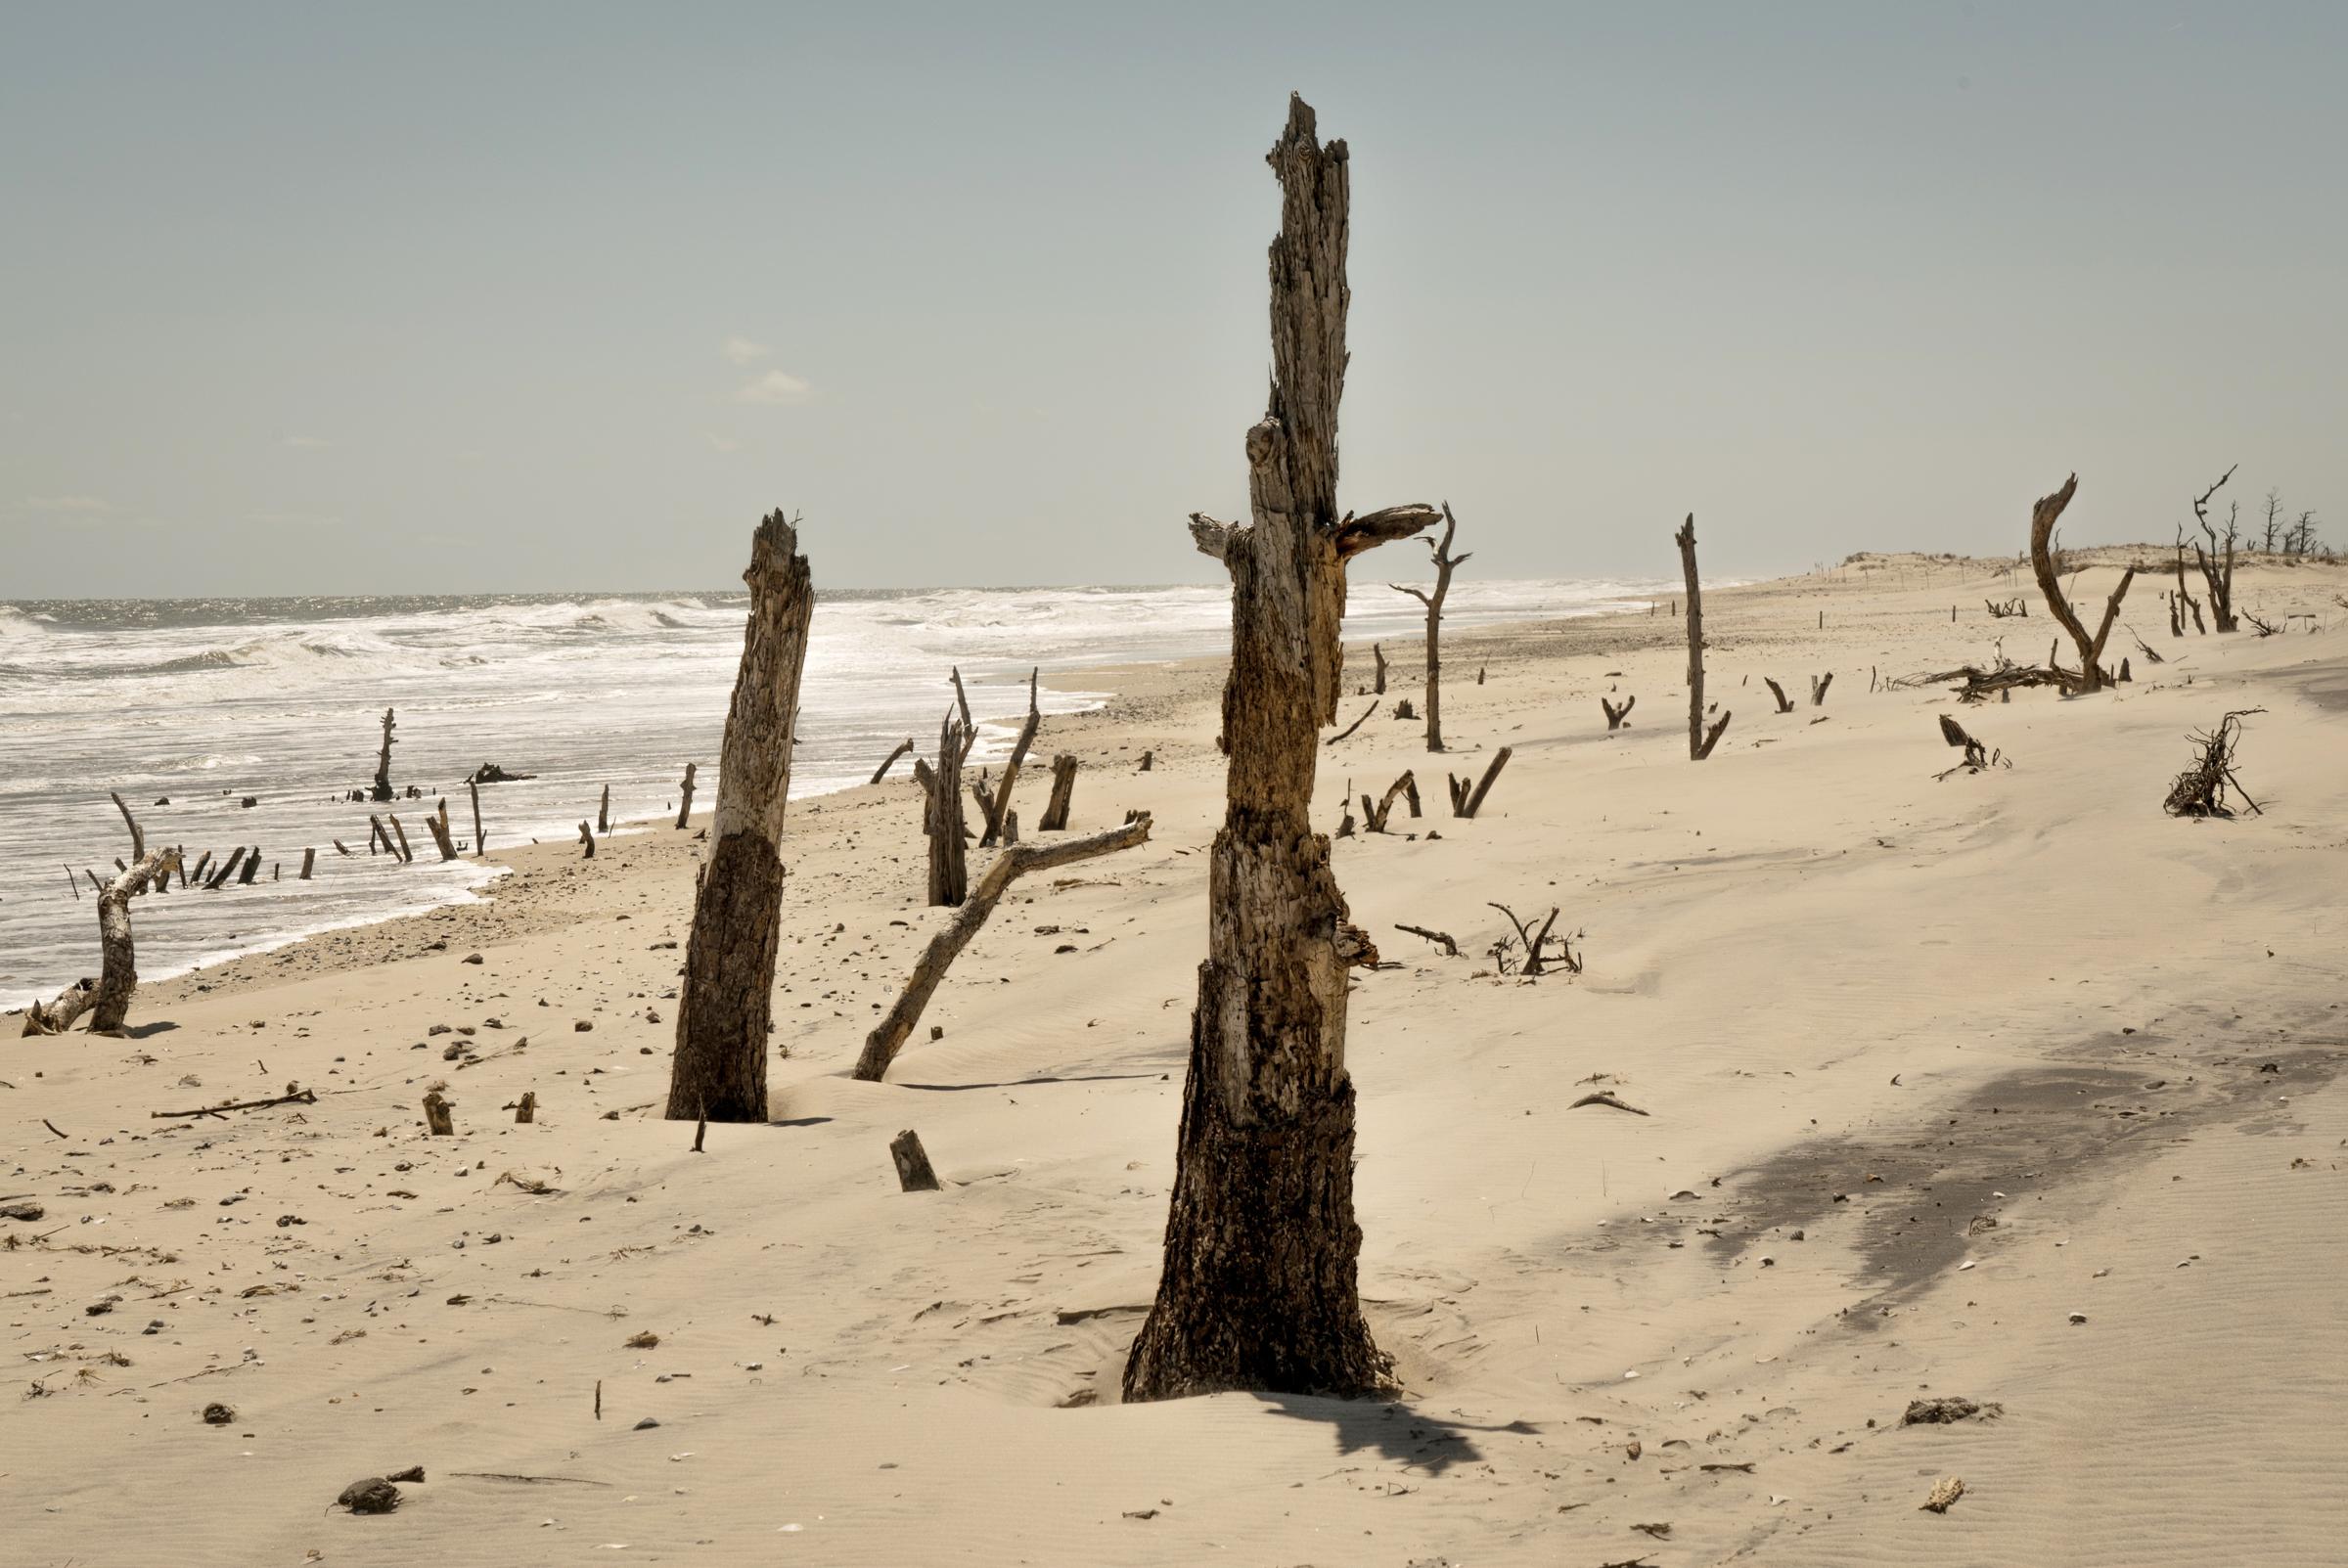 Assateague National Seashore, Assateague Island, Virginia